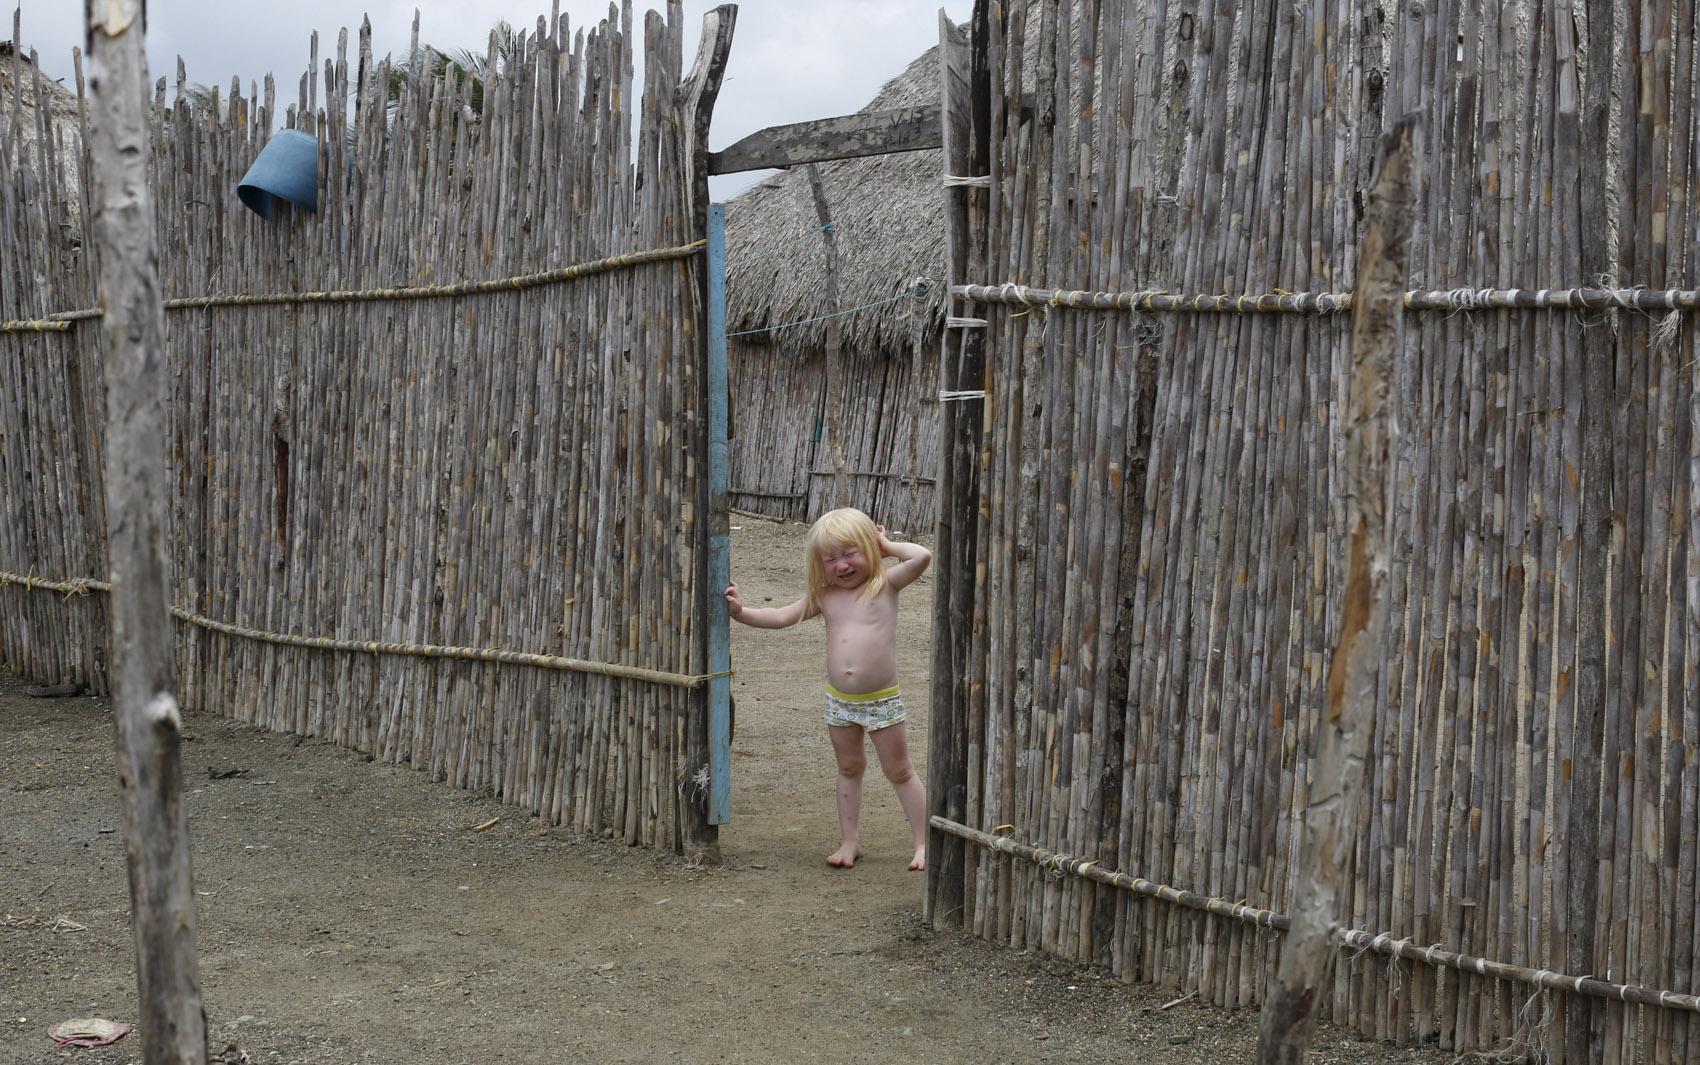 Um fotógrafo registrou a rotina de indígenas albinos da comunidade de Guna Yala, no Panamá. Venerados como 'Filhos da Lua', eles representam de 5% a 10% dos 80 mil índios Guna e têm hábitos restritos longe do sol, devido à sensibilidade da pele